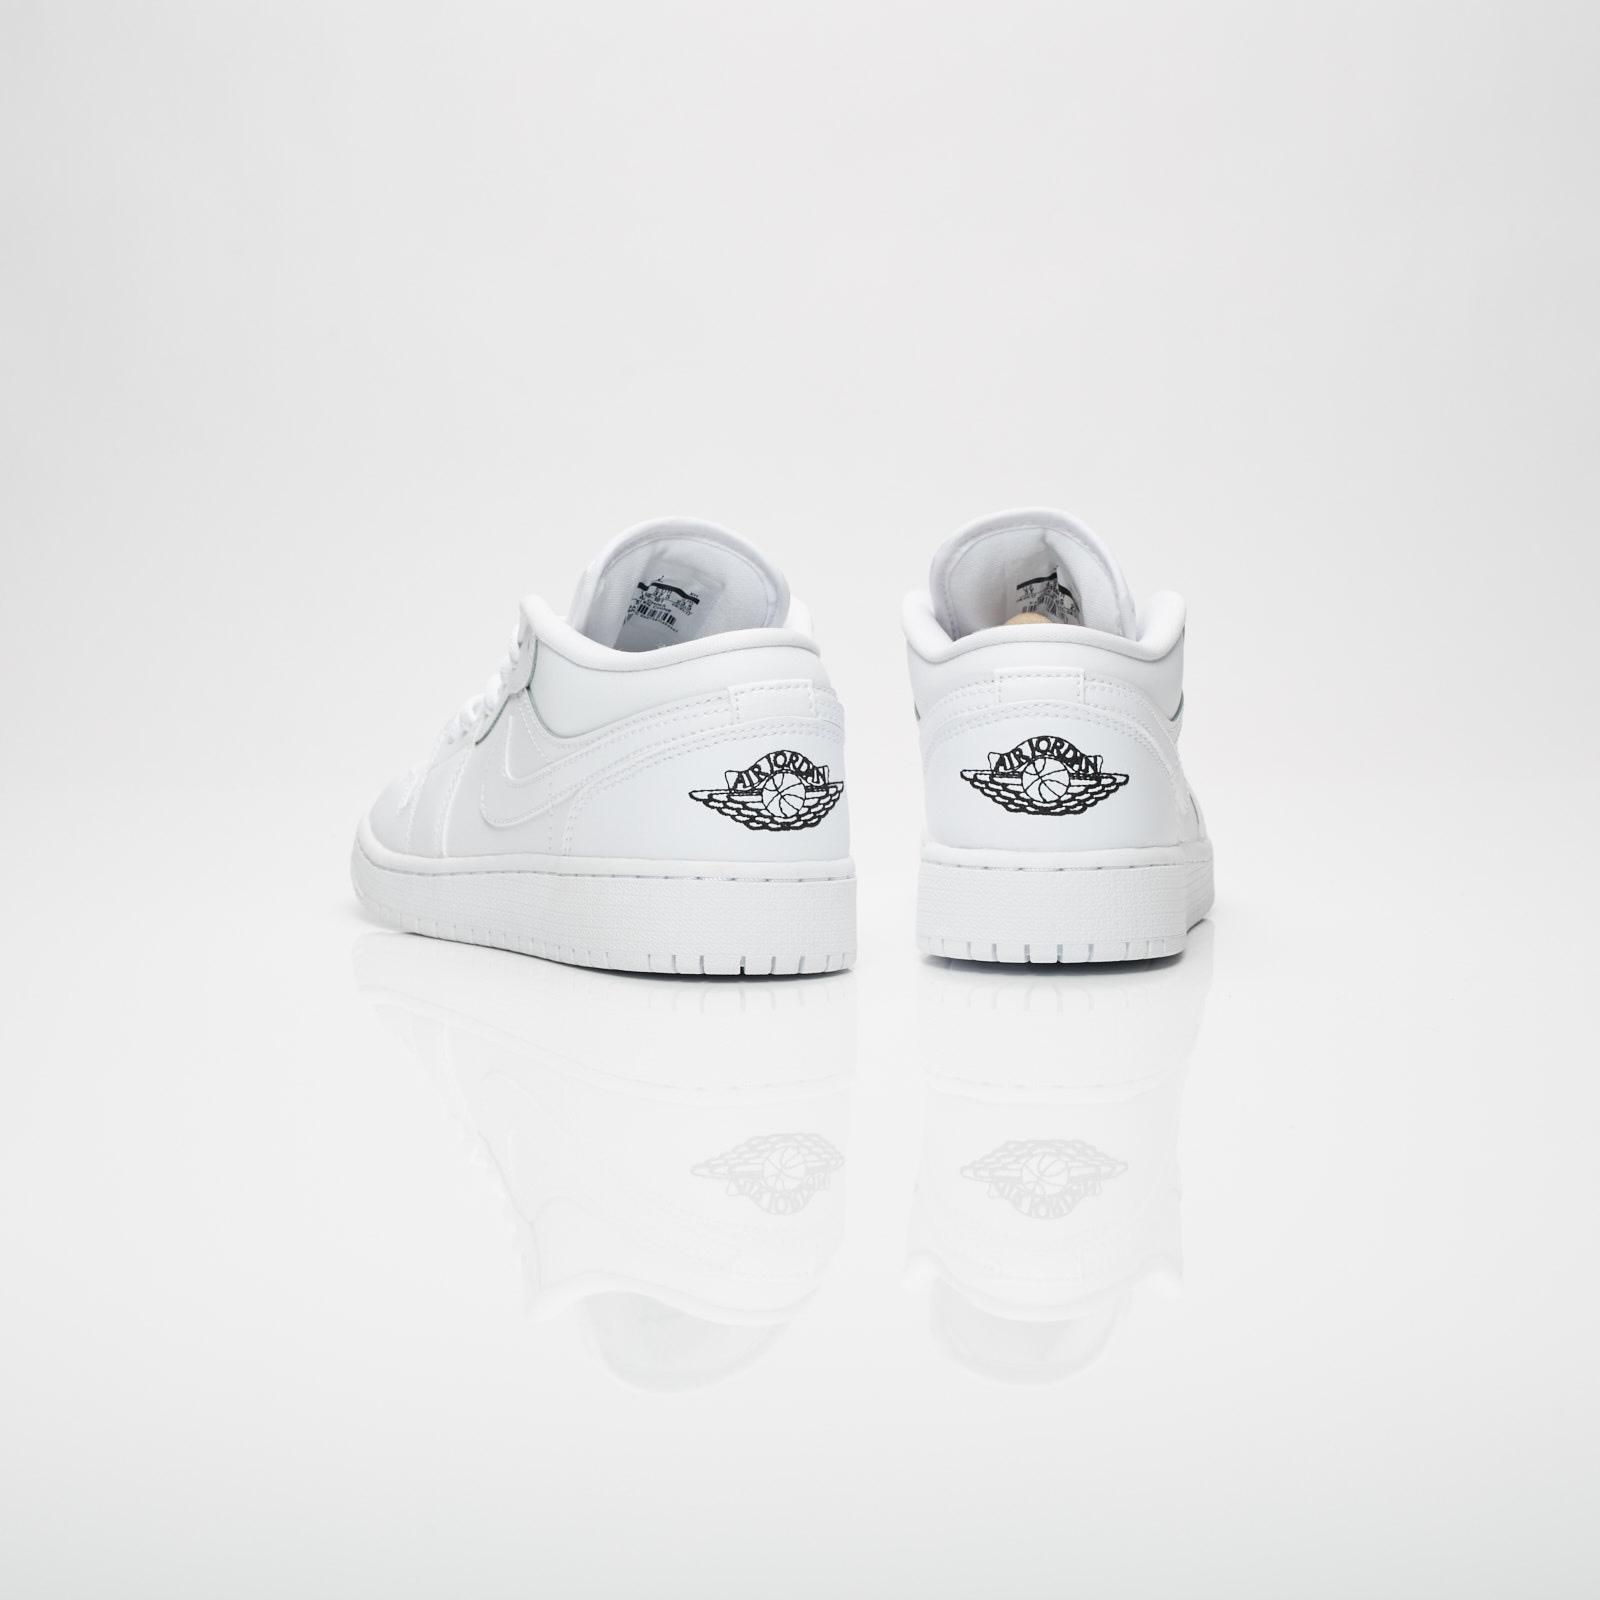 de5becf3306f07 Jordan Brand Air Jordan 1 Low (GS) - 553560-101 - Sneakersnstuff ...